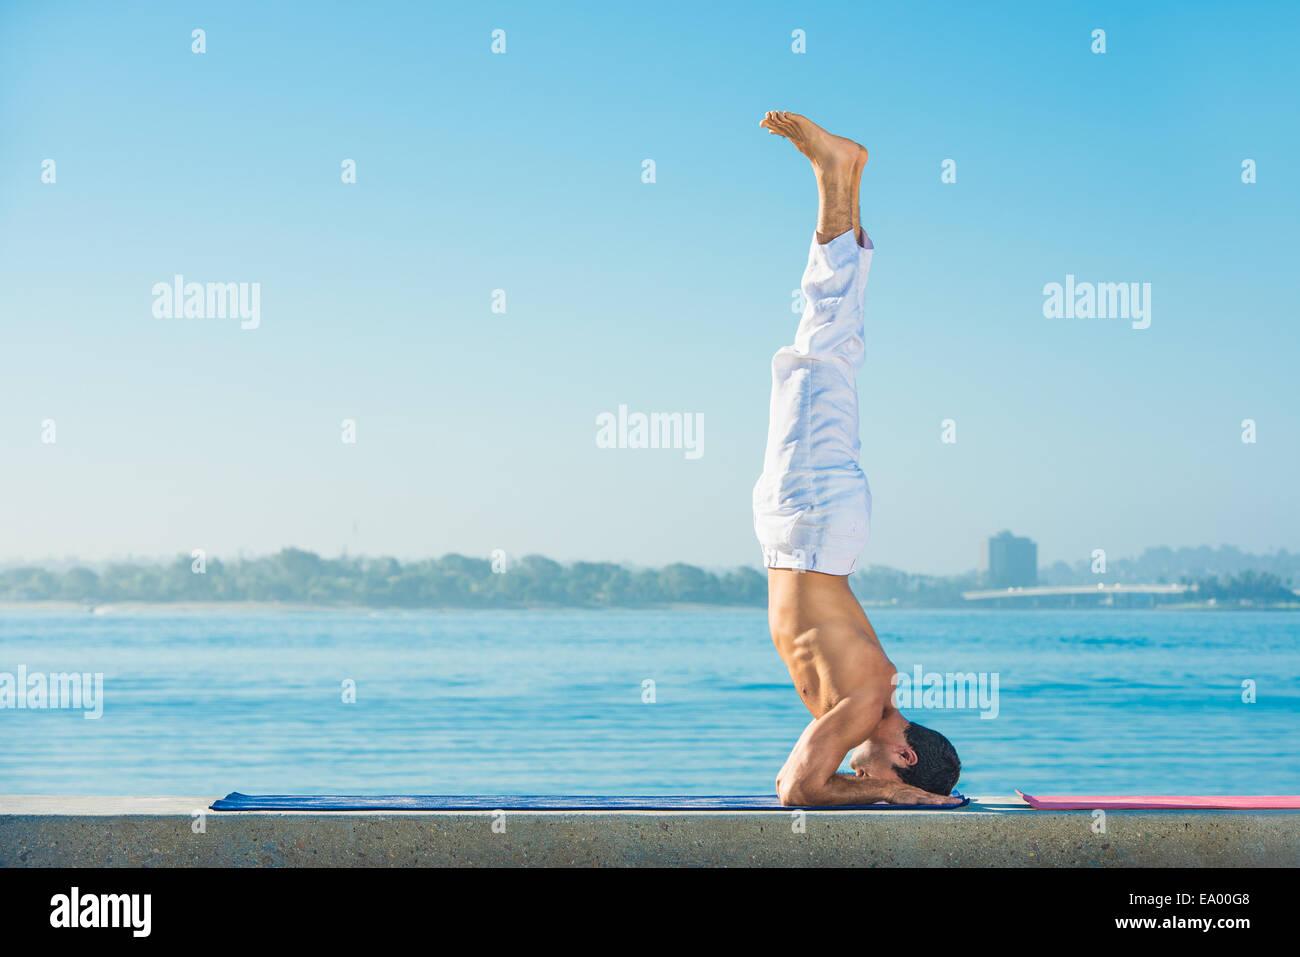 Joven practicando yoga posición boca abajo en pacific beach, San Diego, California, EE.UU. Imagen De Stock